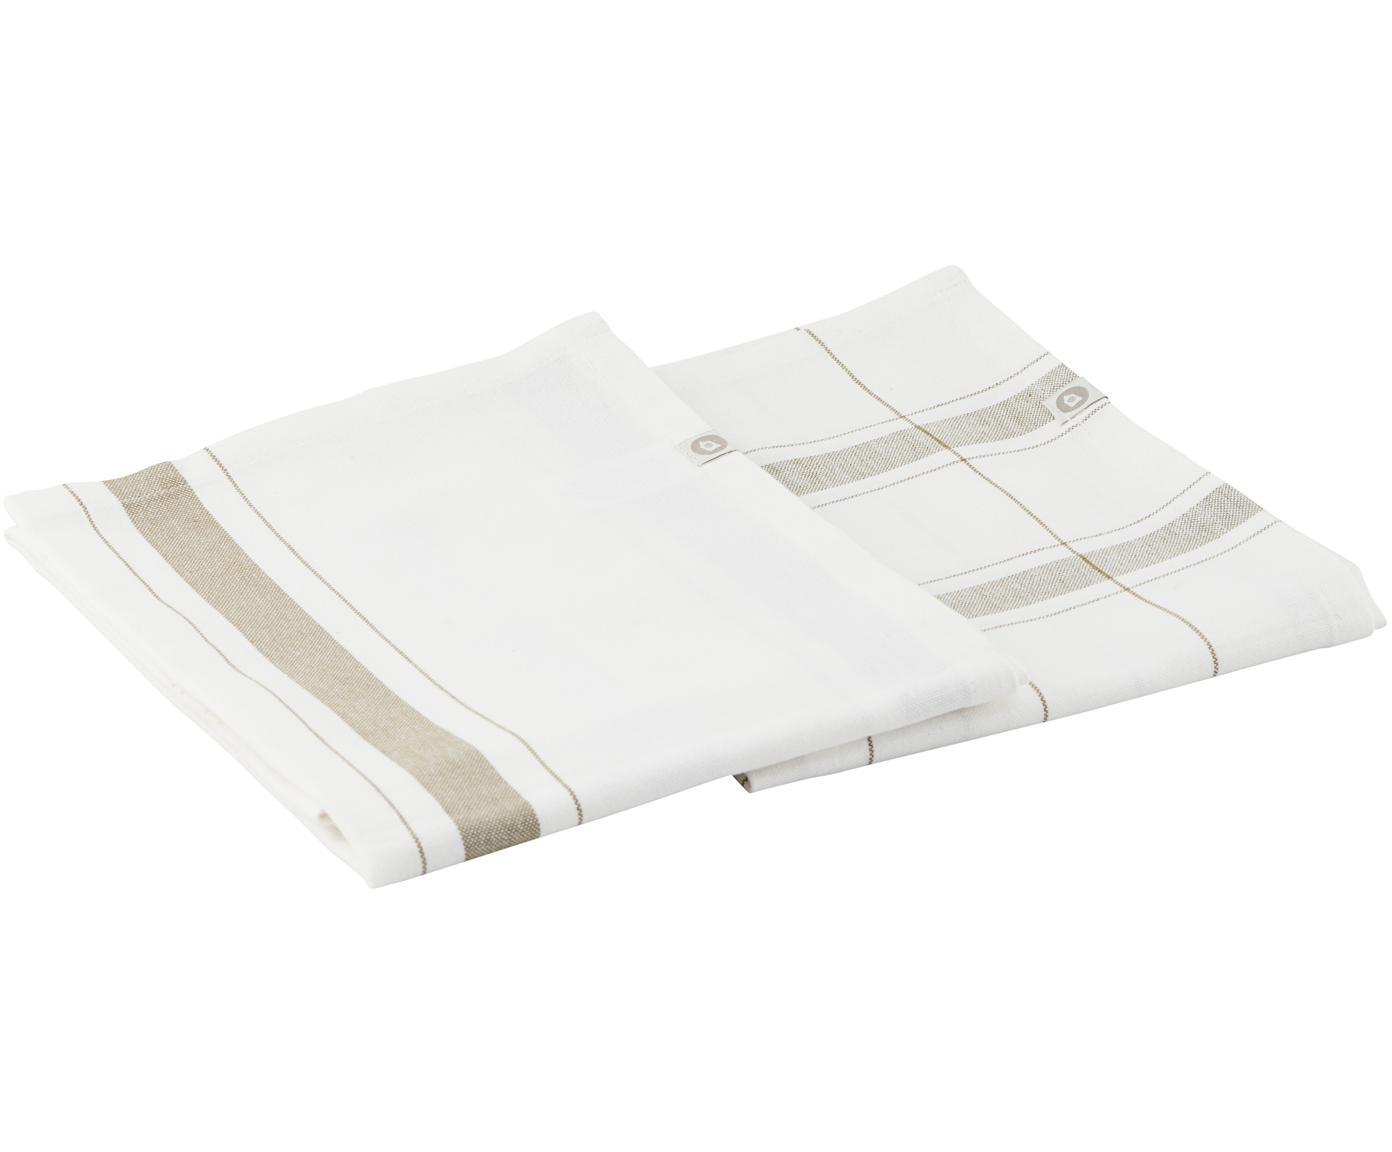 Geschirrtücher Halida mit Streifen und Karomuster, 2 Stück, 100% Baumwolle, Weiß, Olivgrün, 55 x 75 cm